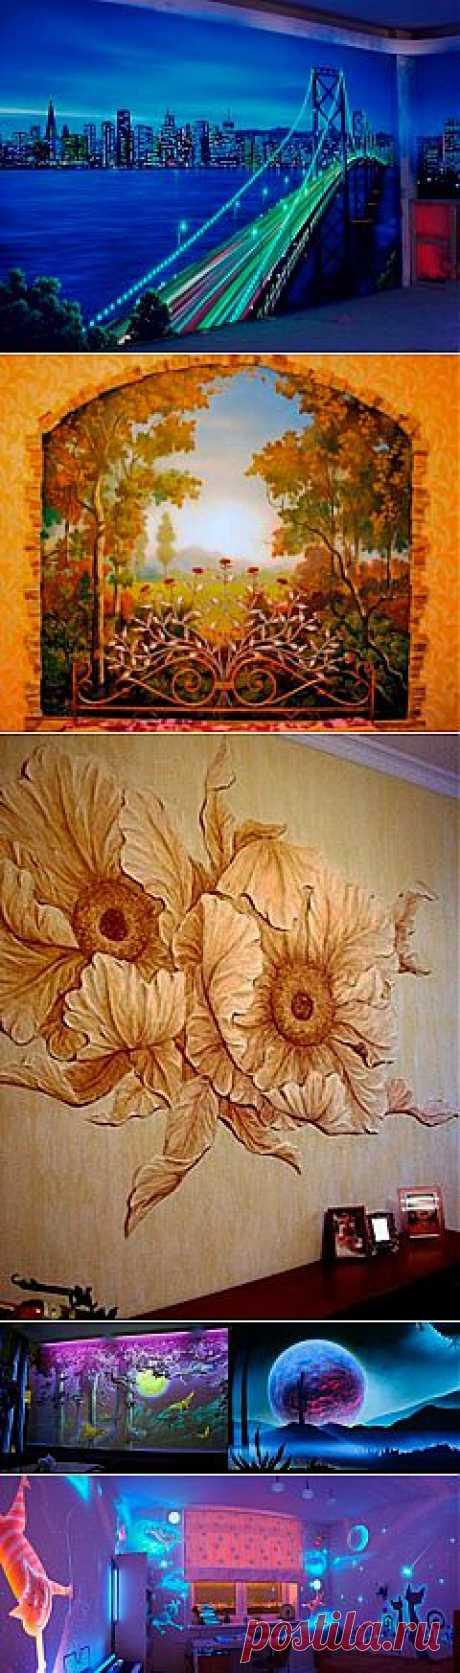 7 ультрамодных способов декорирования стен - Статьи - Недвижимость@Mail.Ru